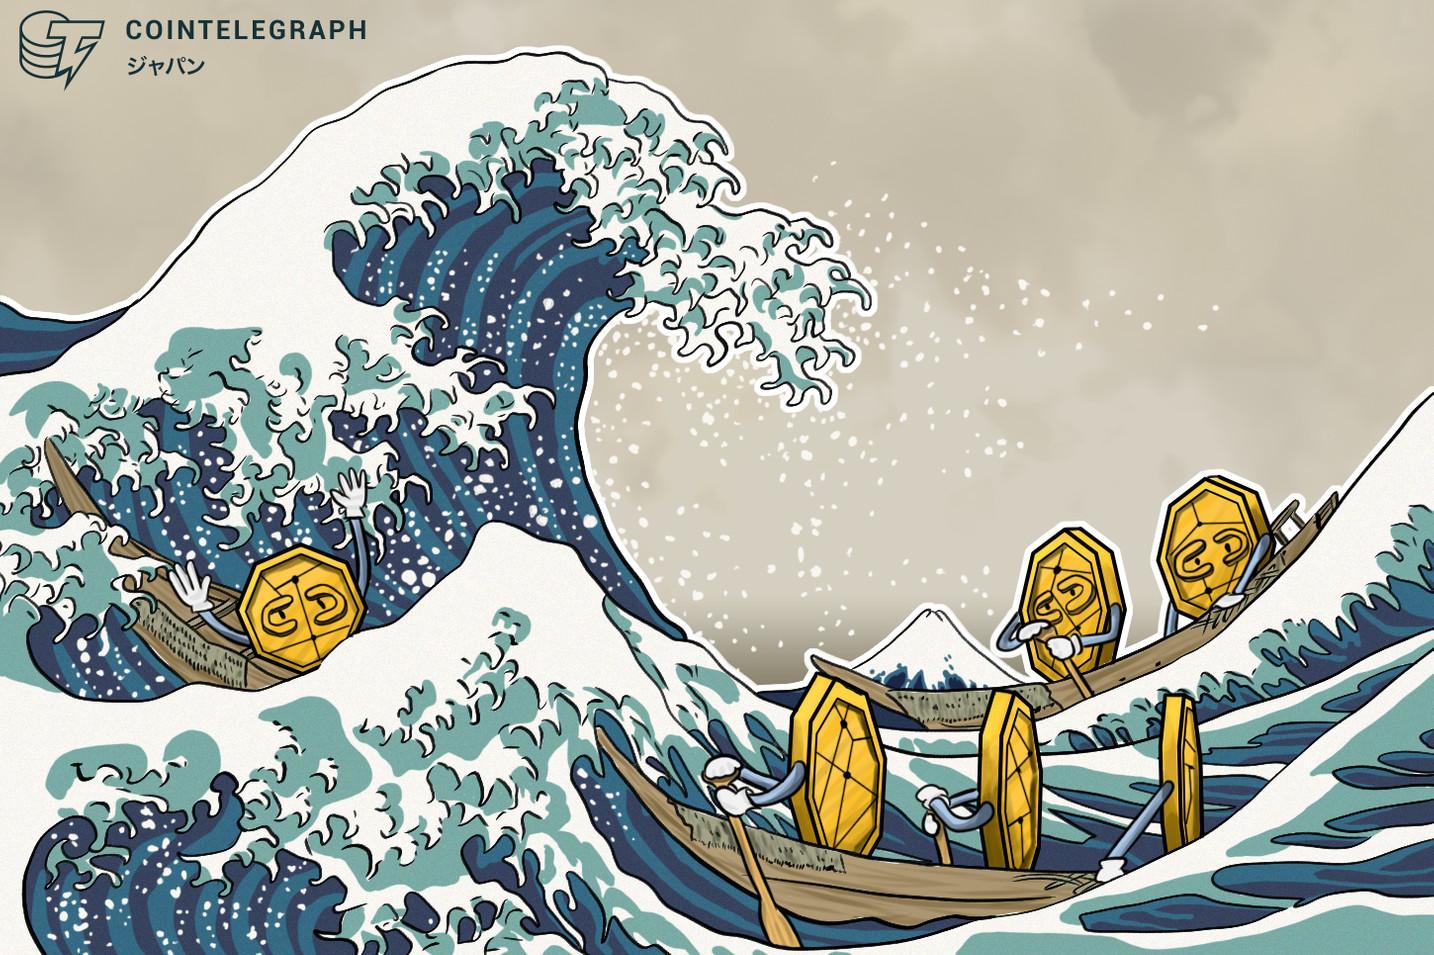 仮想通貨購入者の4割 「塩漬け」決済・送金分野への期待も=博報堂が2万人に調査